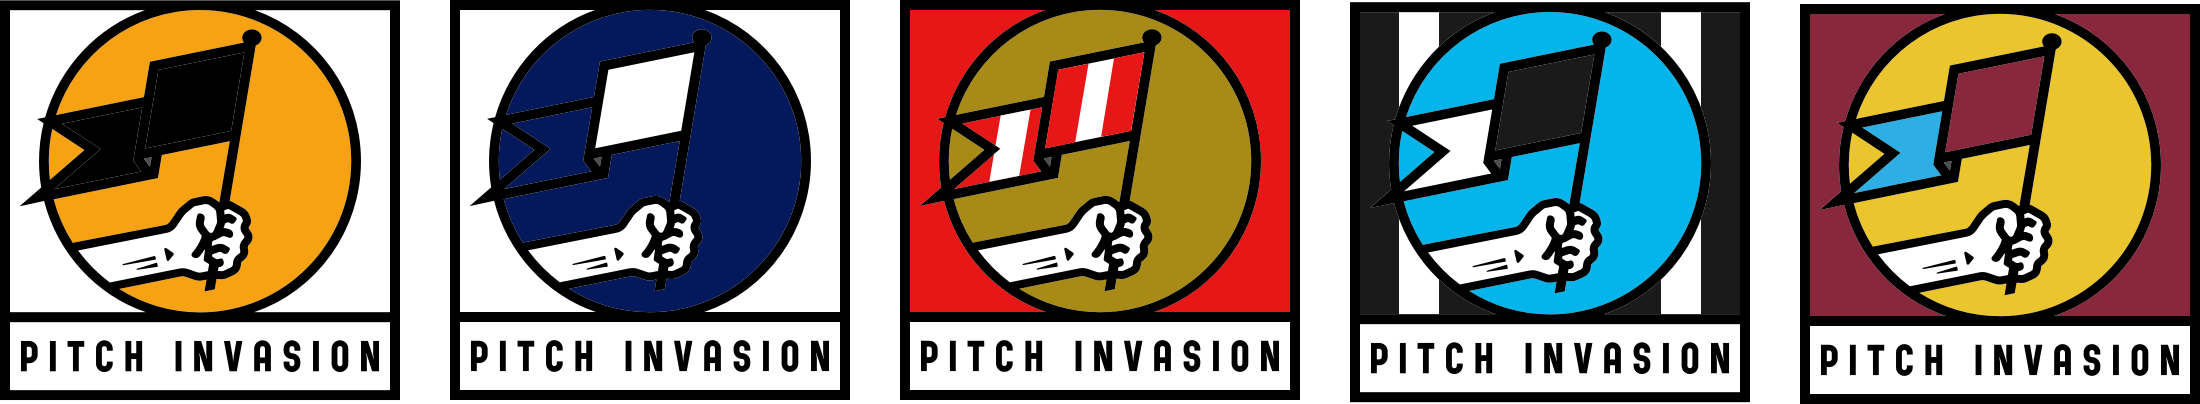 Pitch Invasion logos